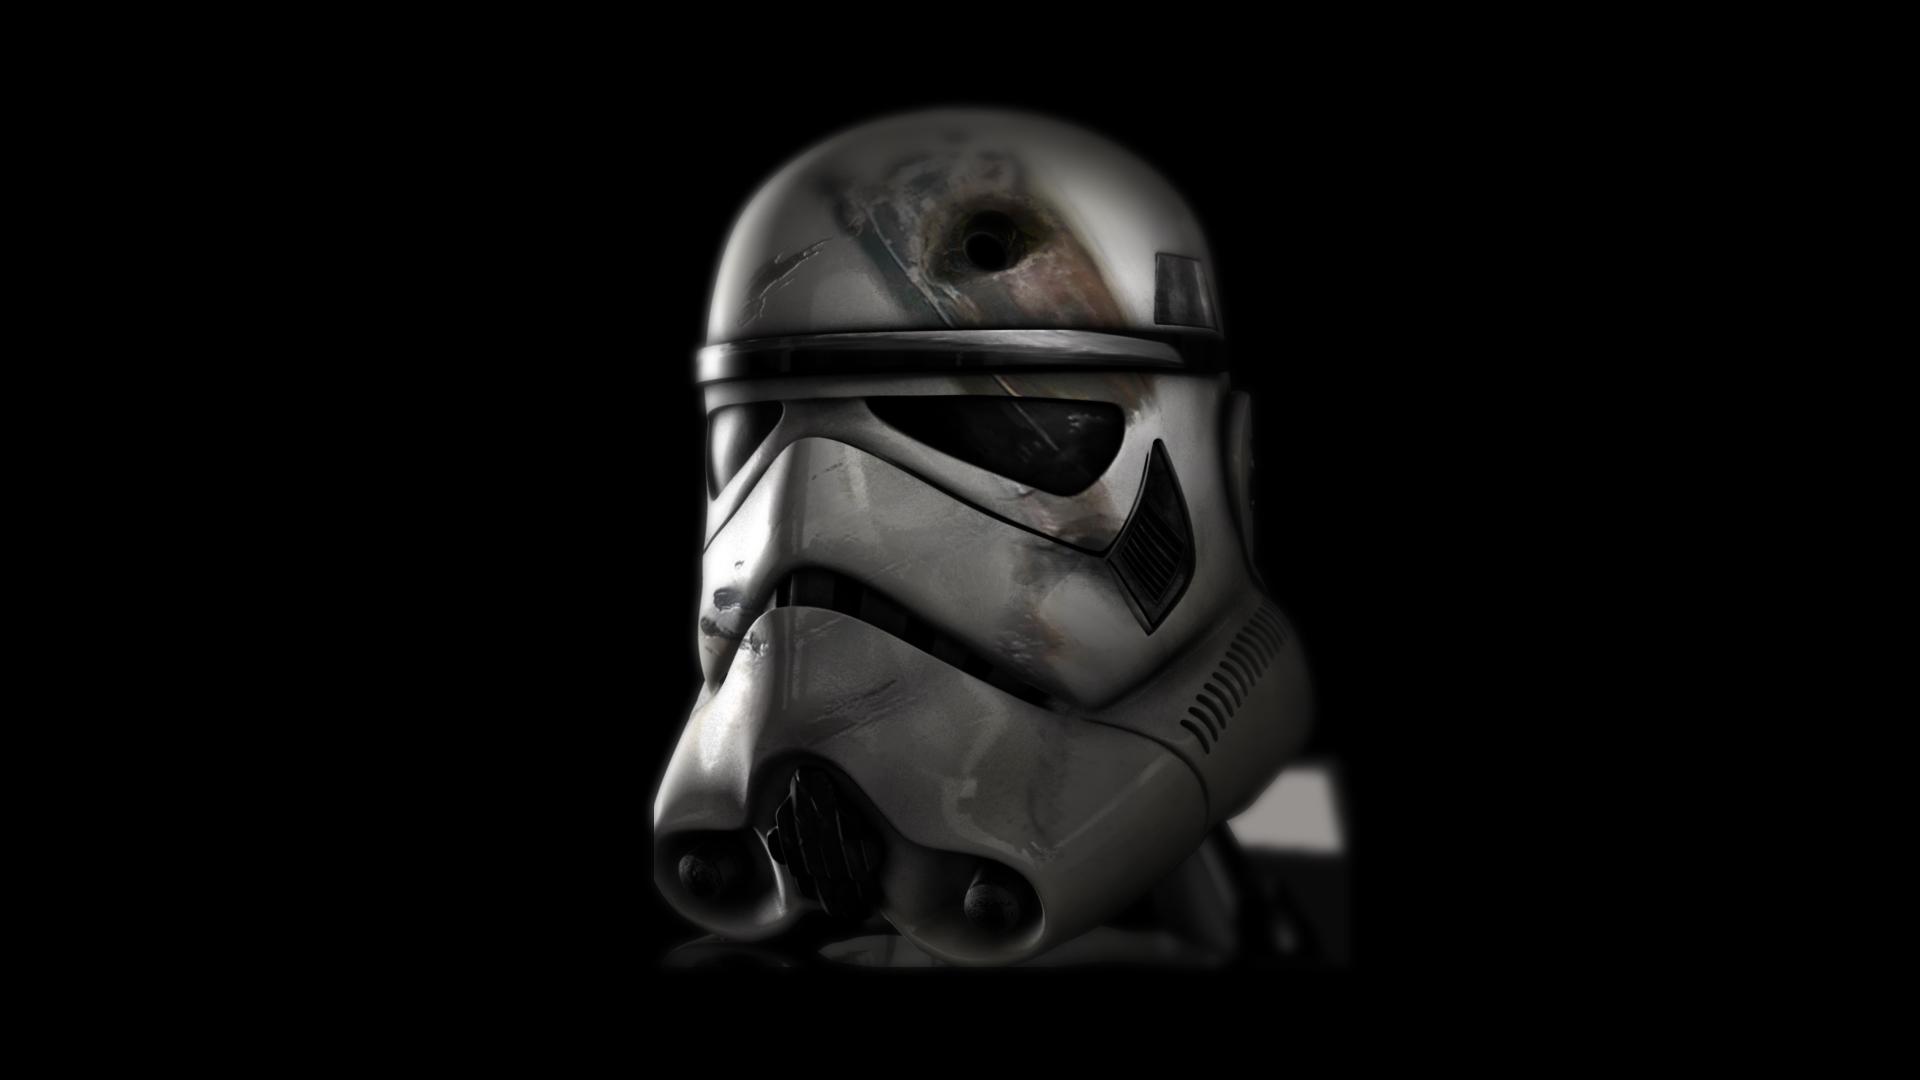 stormtrooper helmets widescreen wallpaper - photo #21